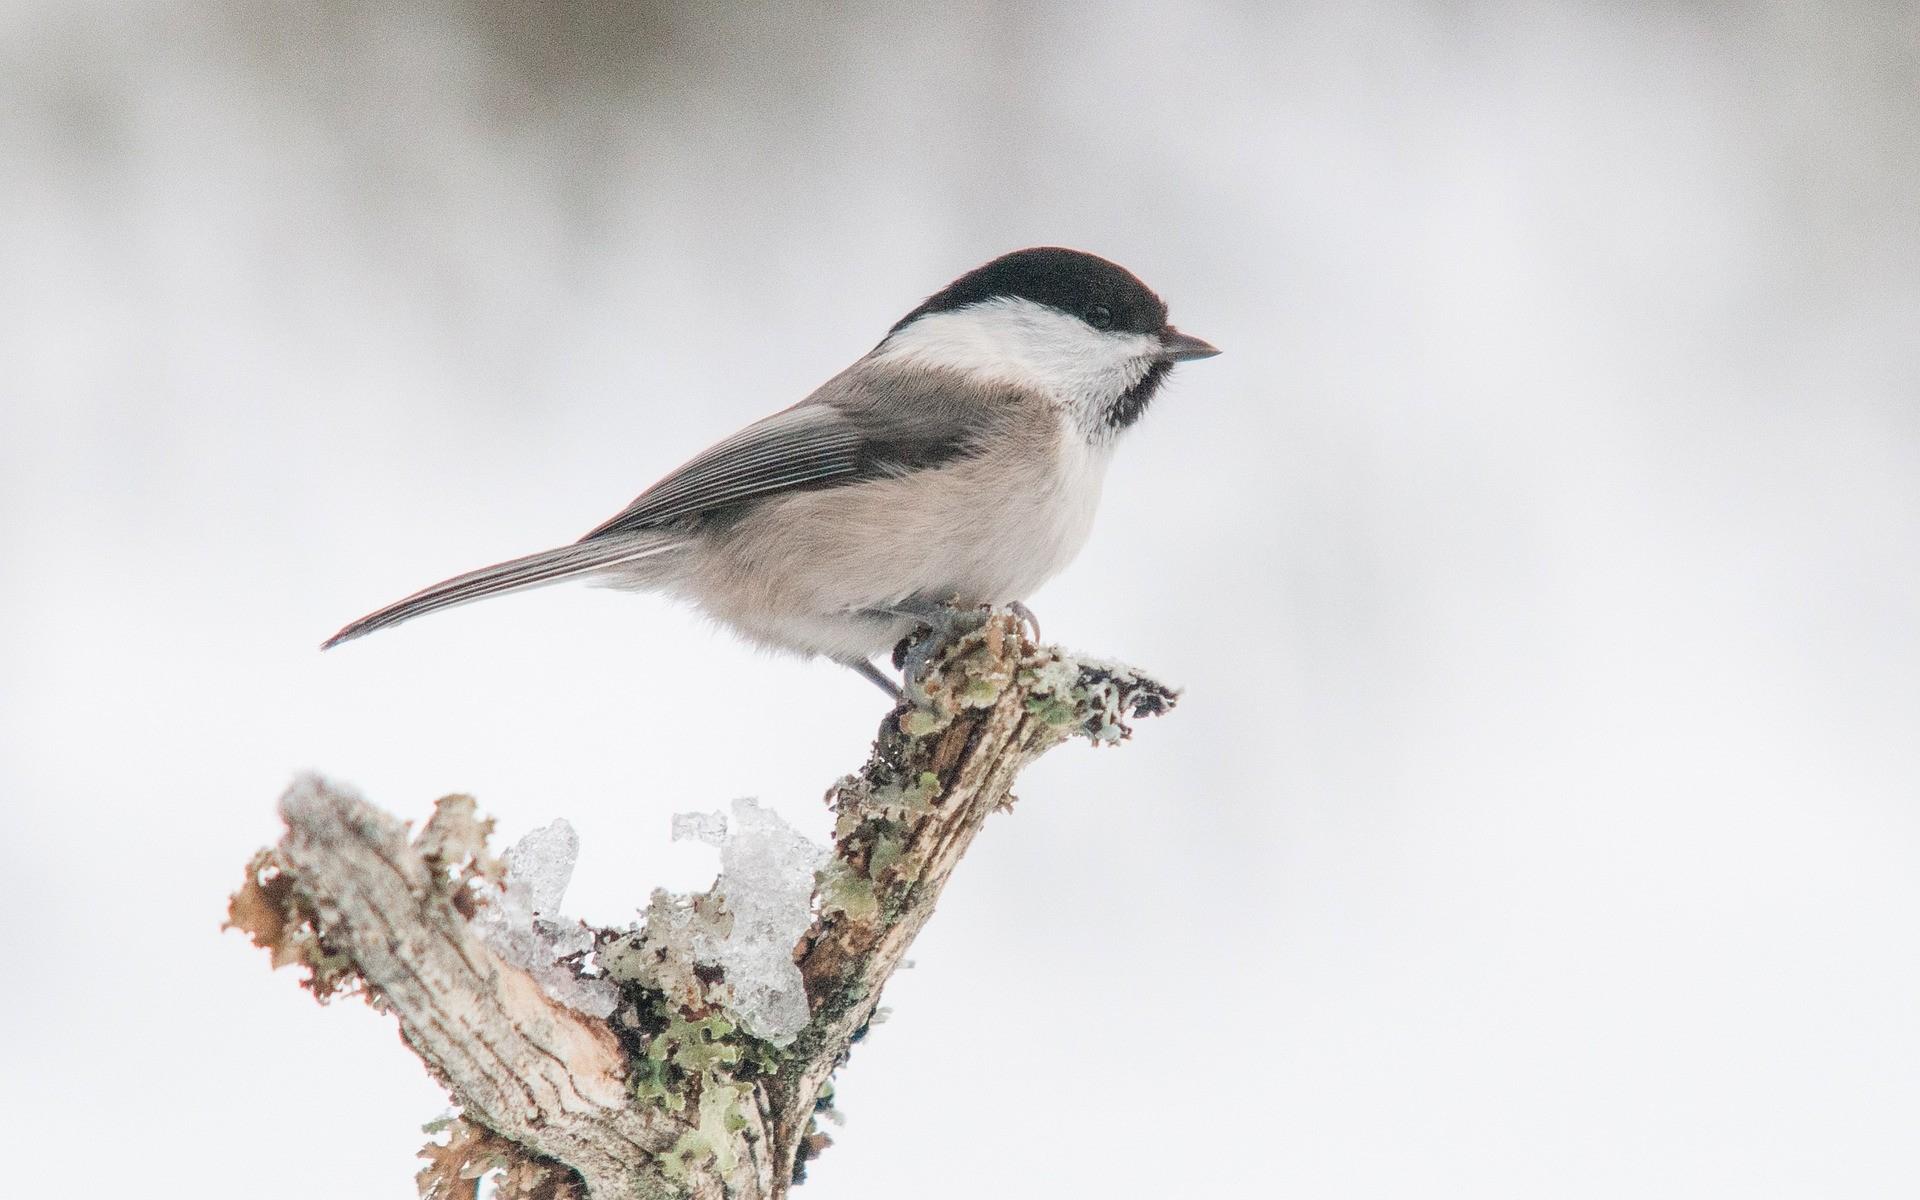 Fonds D'écran Oiseaux Gratuits intérieur Images D Oiseaux Gratuites